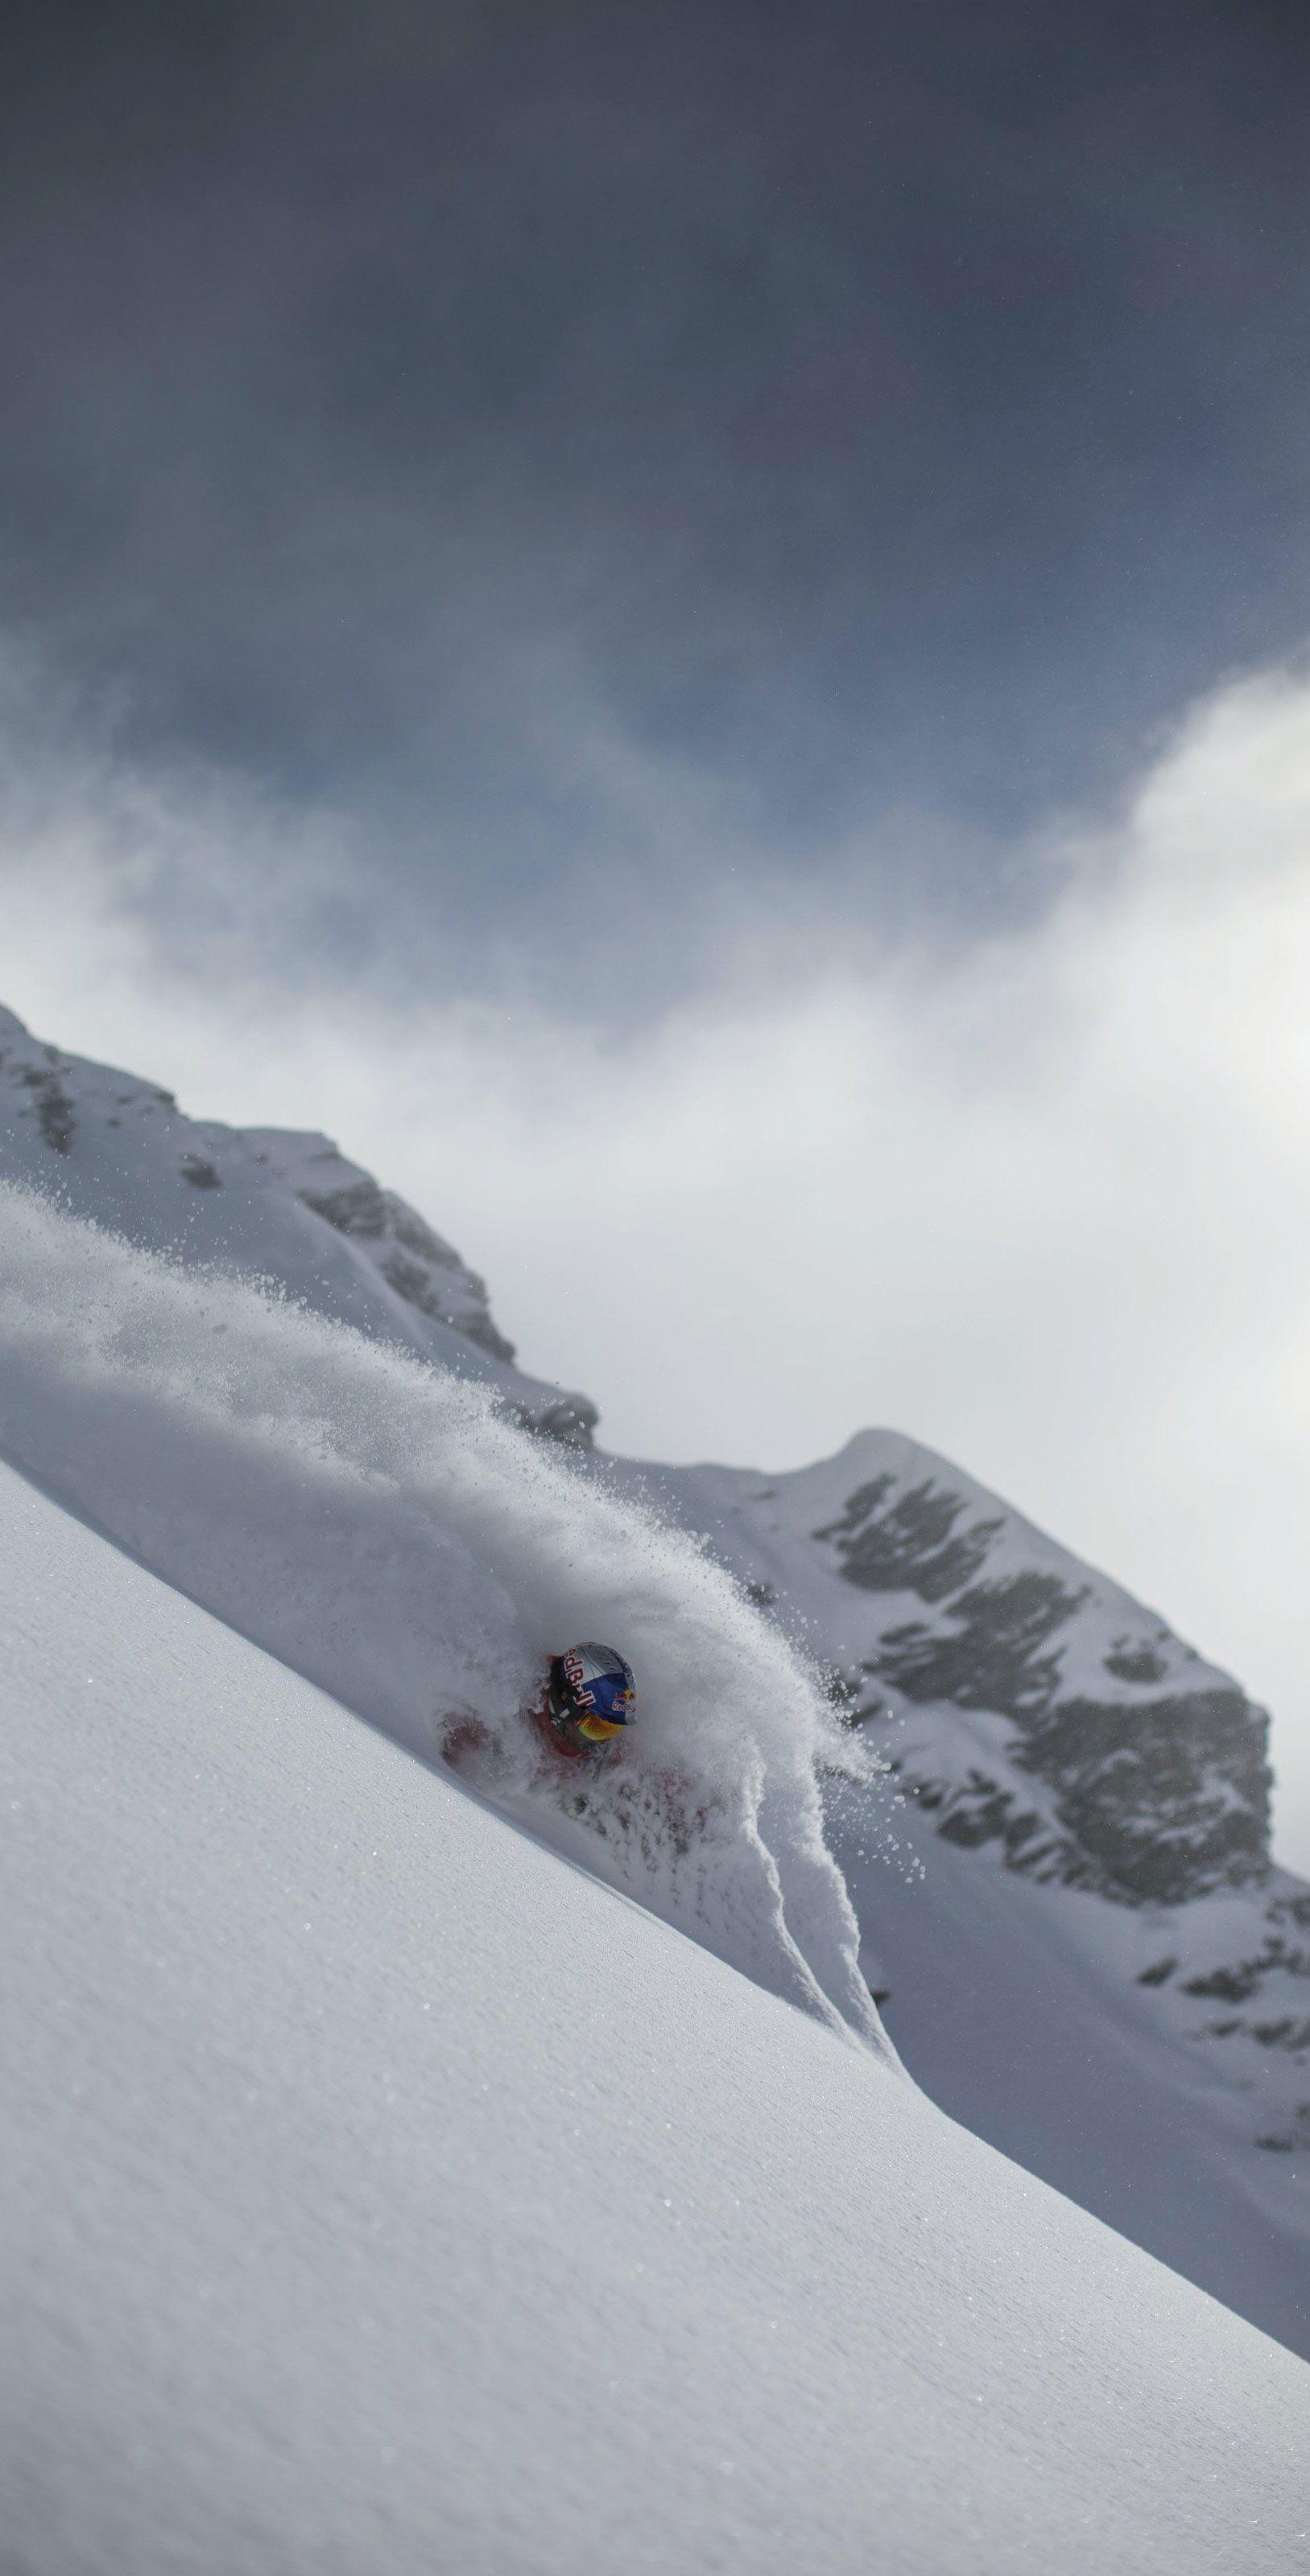 Http Amzn To 2h0uzlv Snow Skiing Free Skiing Ski Inspiration [ 3200 x 1627 Pixel ]